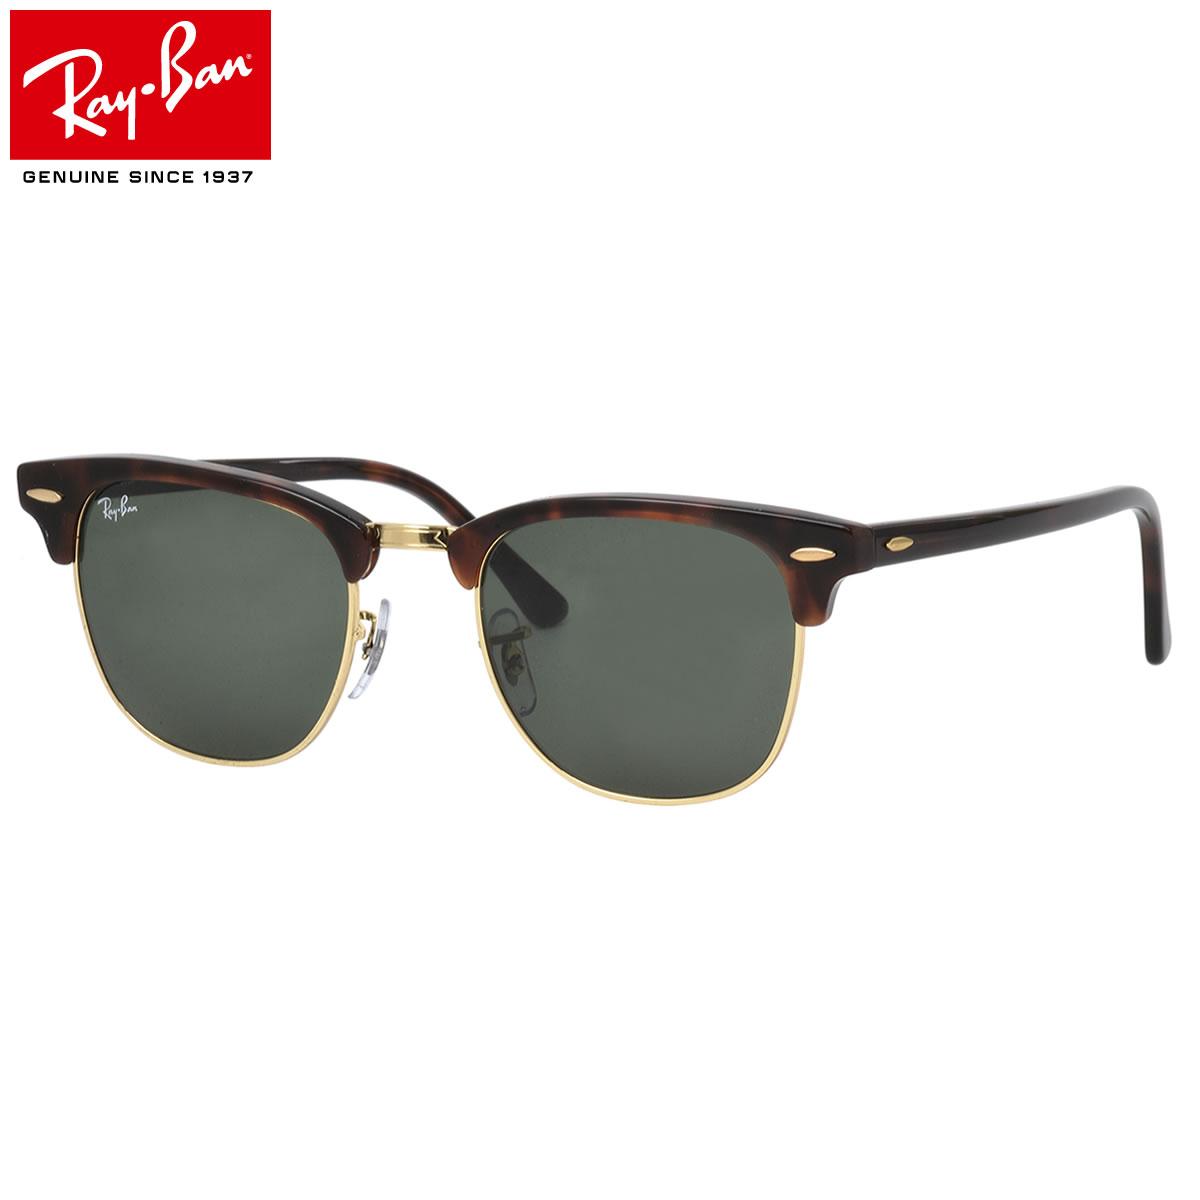 レイバン サングラス Ray-Ban RB3016 W0366 49サイズ 51サイズ